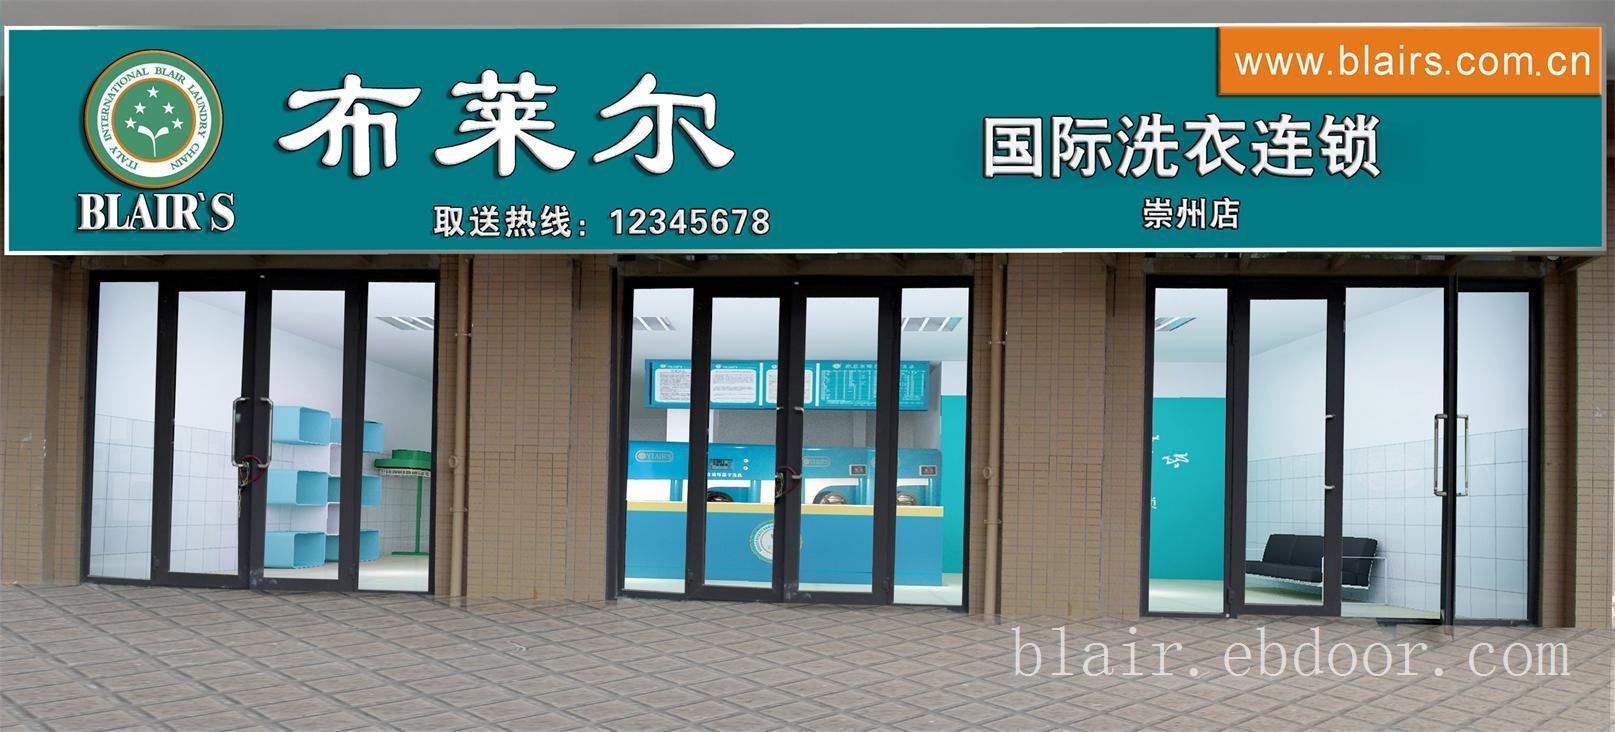 国内最具规模的干洗店连锁加盟机构